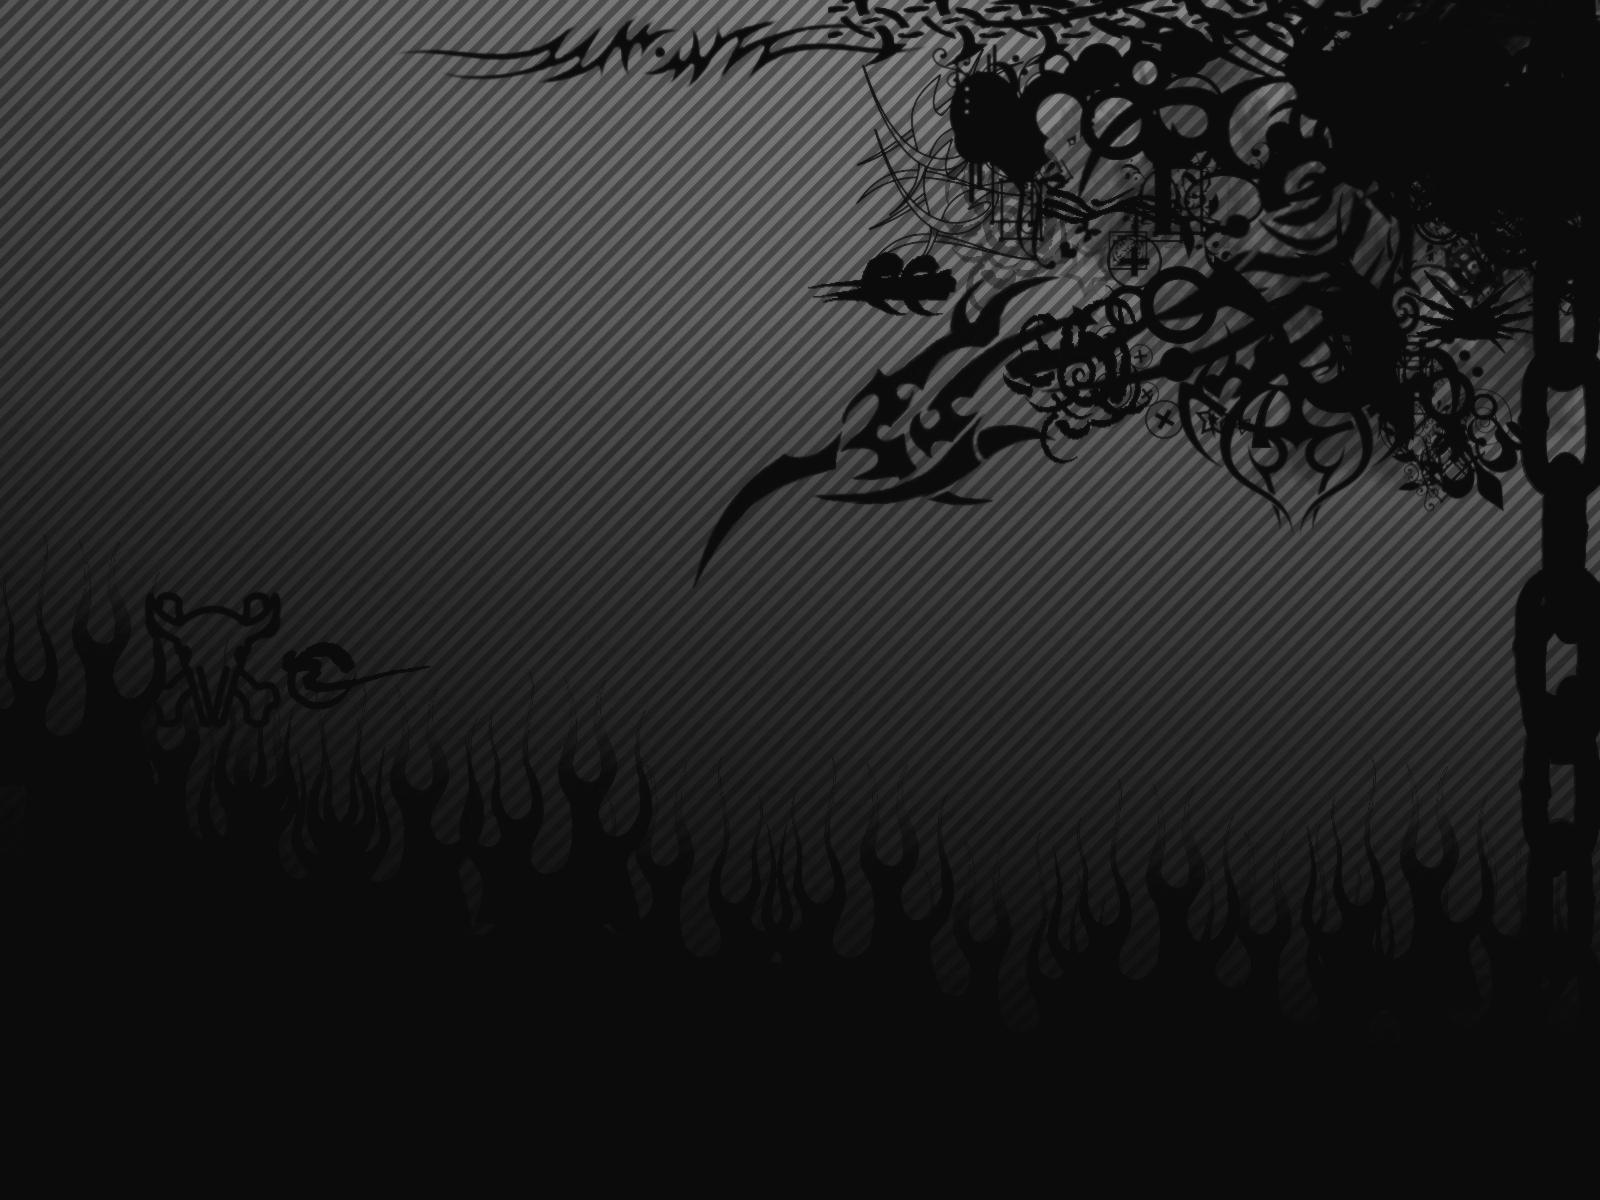 wallpaper hot black wallpaper black wallpaper hd 3d black wallpaper 1600x1200